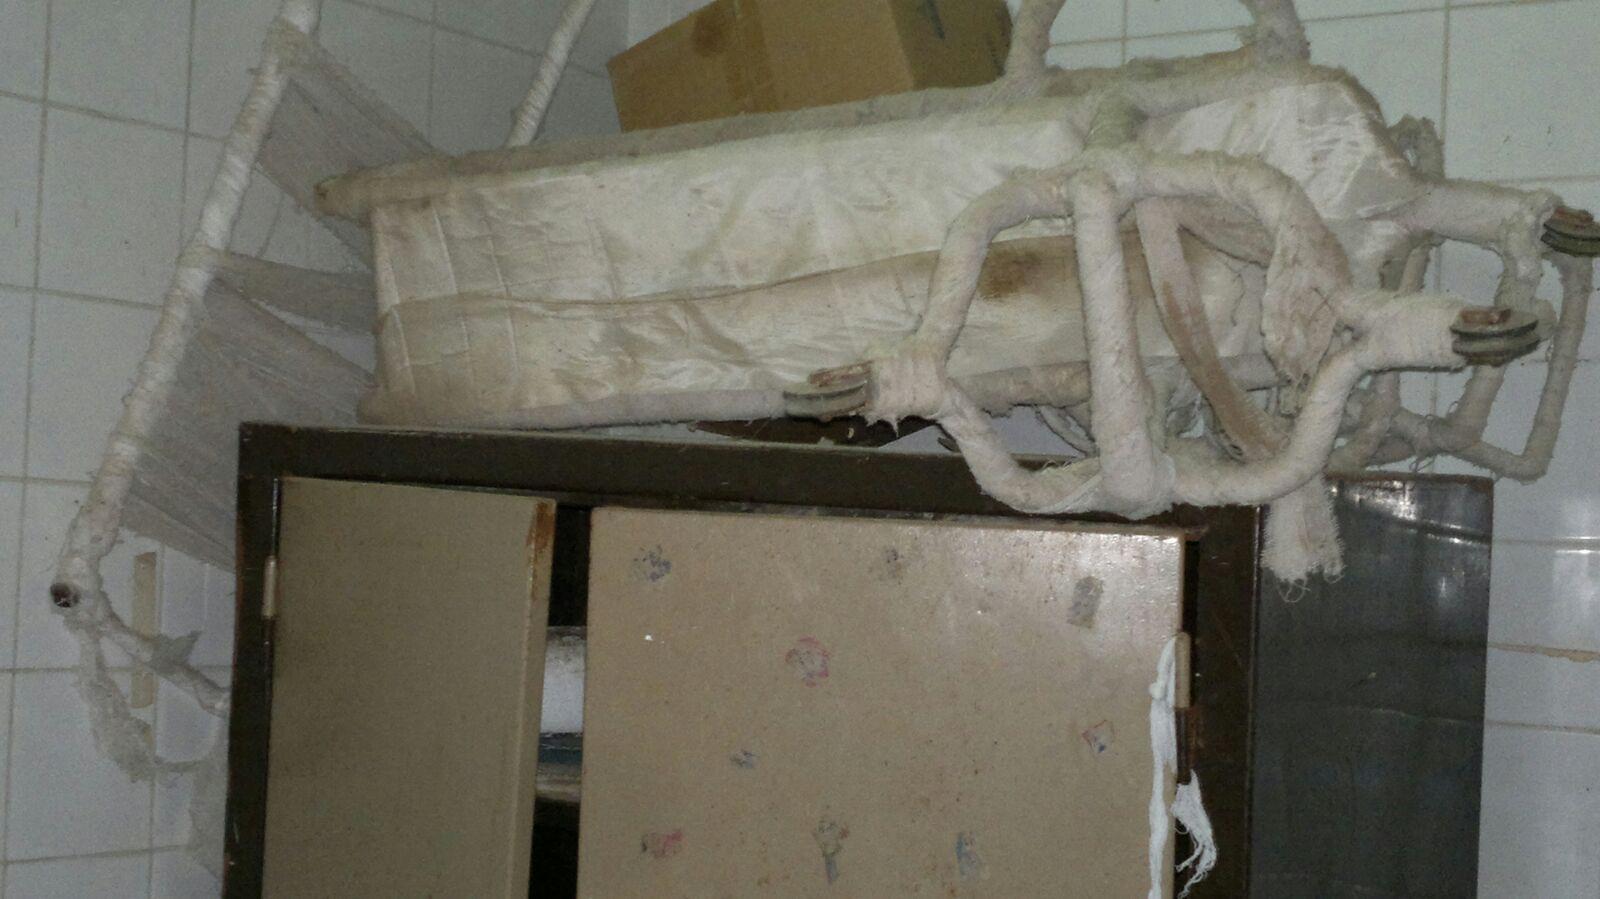 بالصور.. مشاهد الإهمال هذه تأتيكم برعاية مستشفى دسوق العام بكفر الشيخ